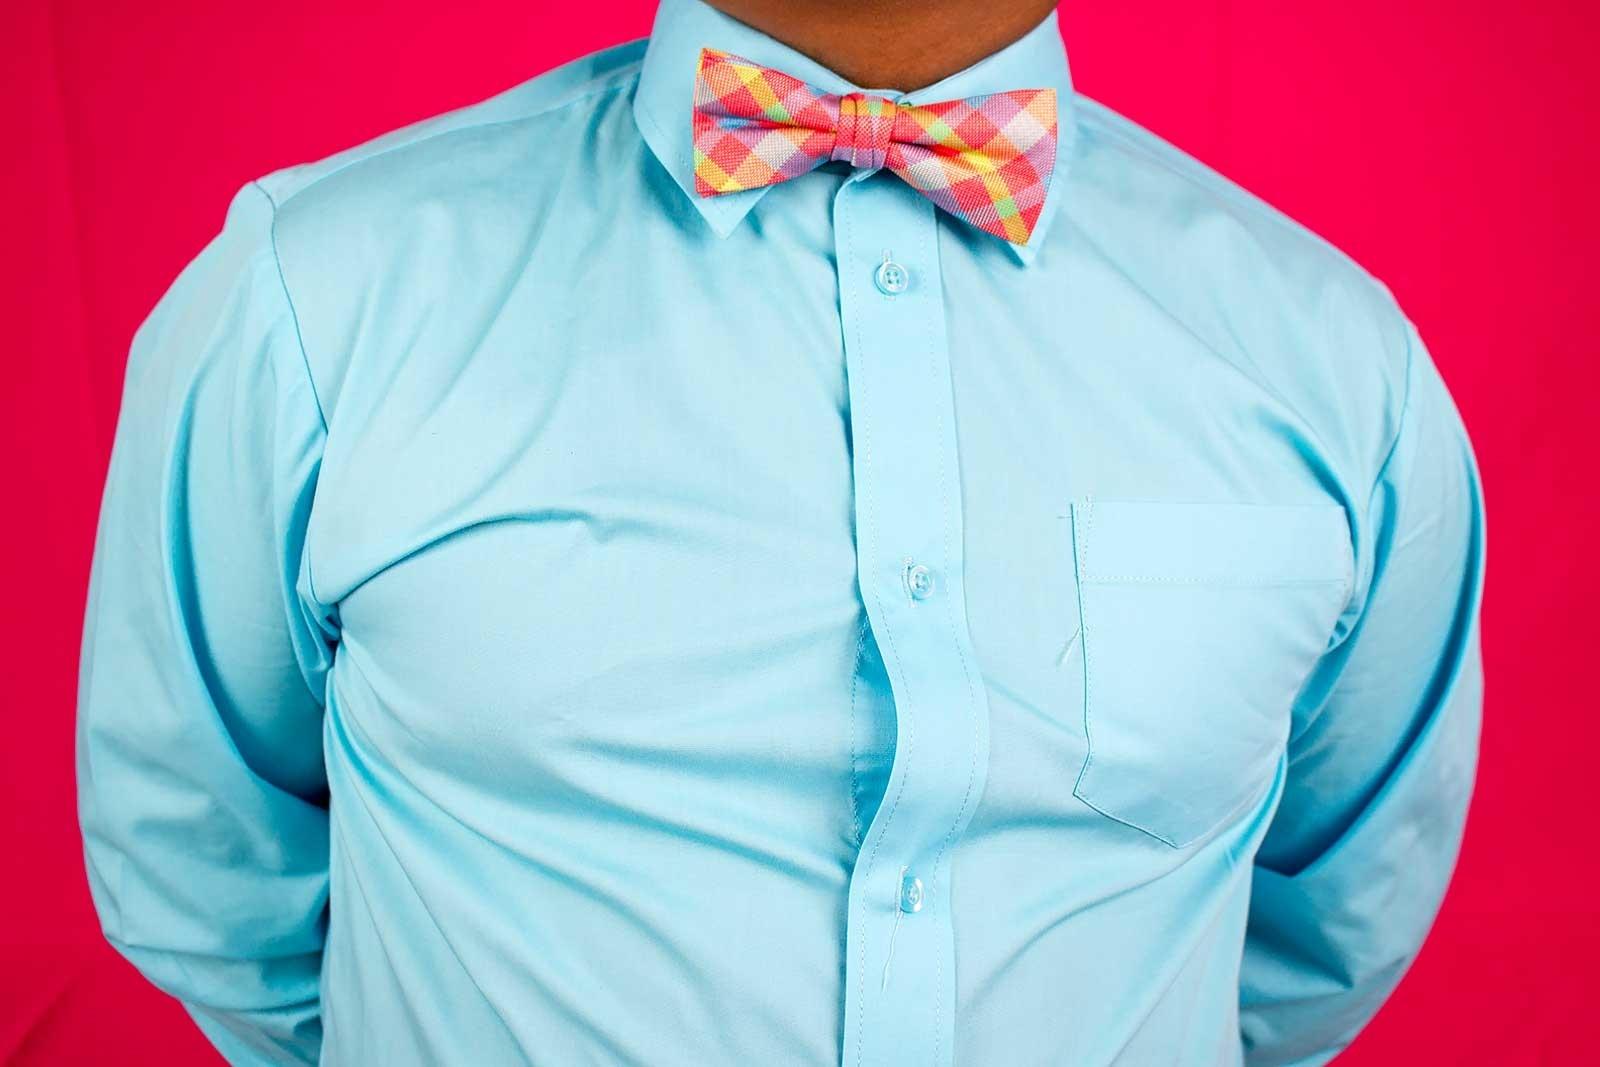 How to Fix a Shirt Gap Step 2